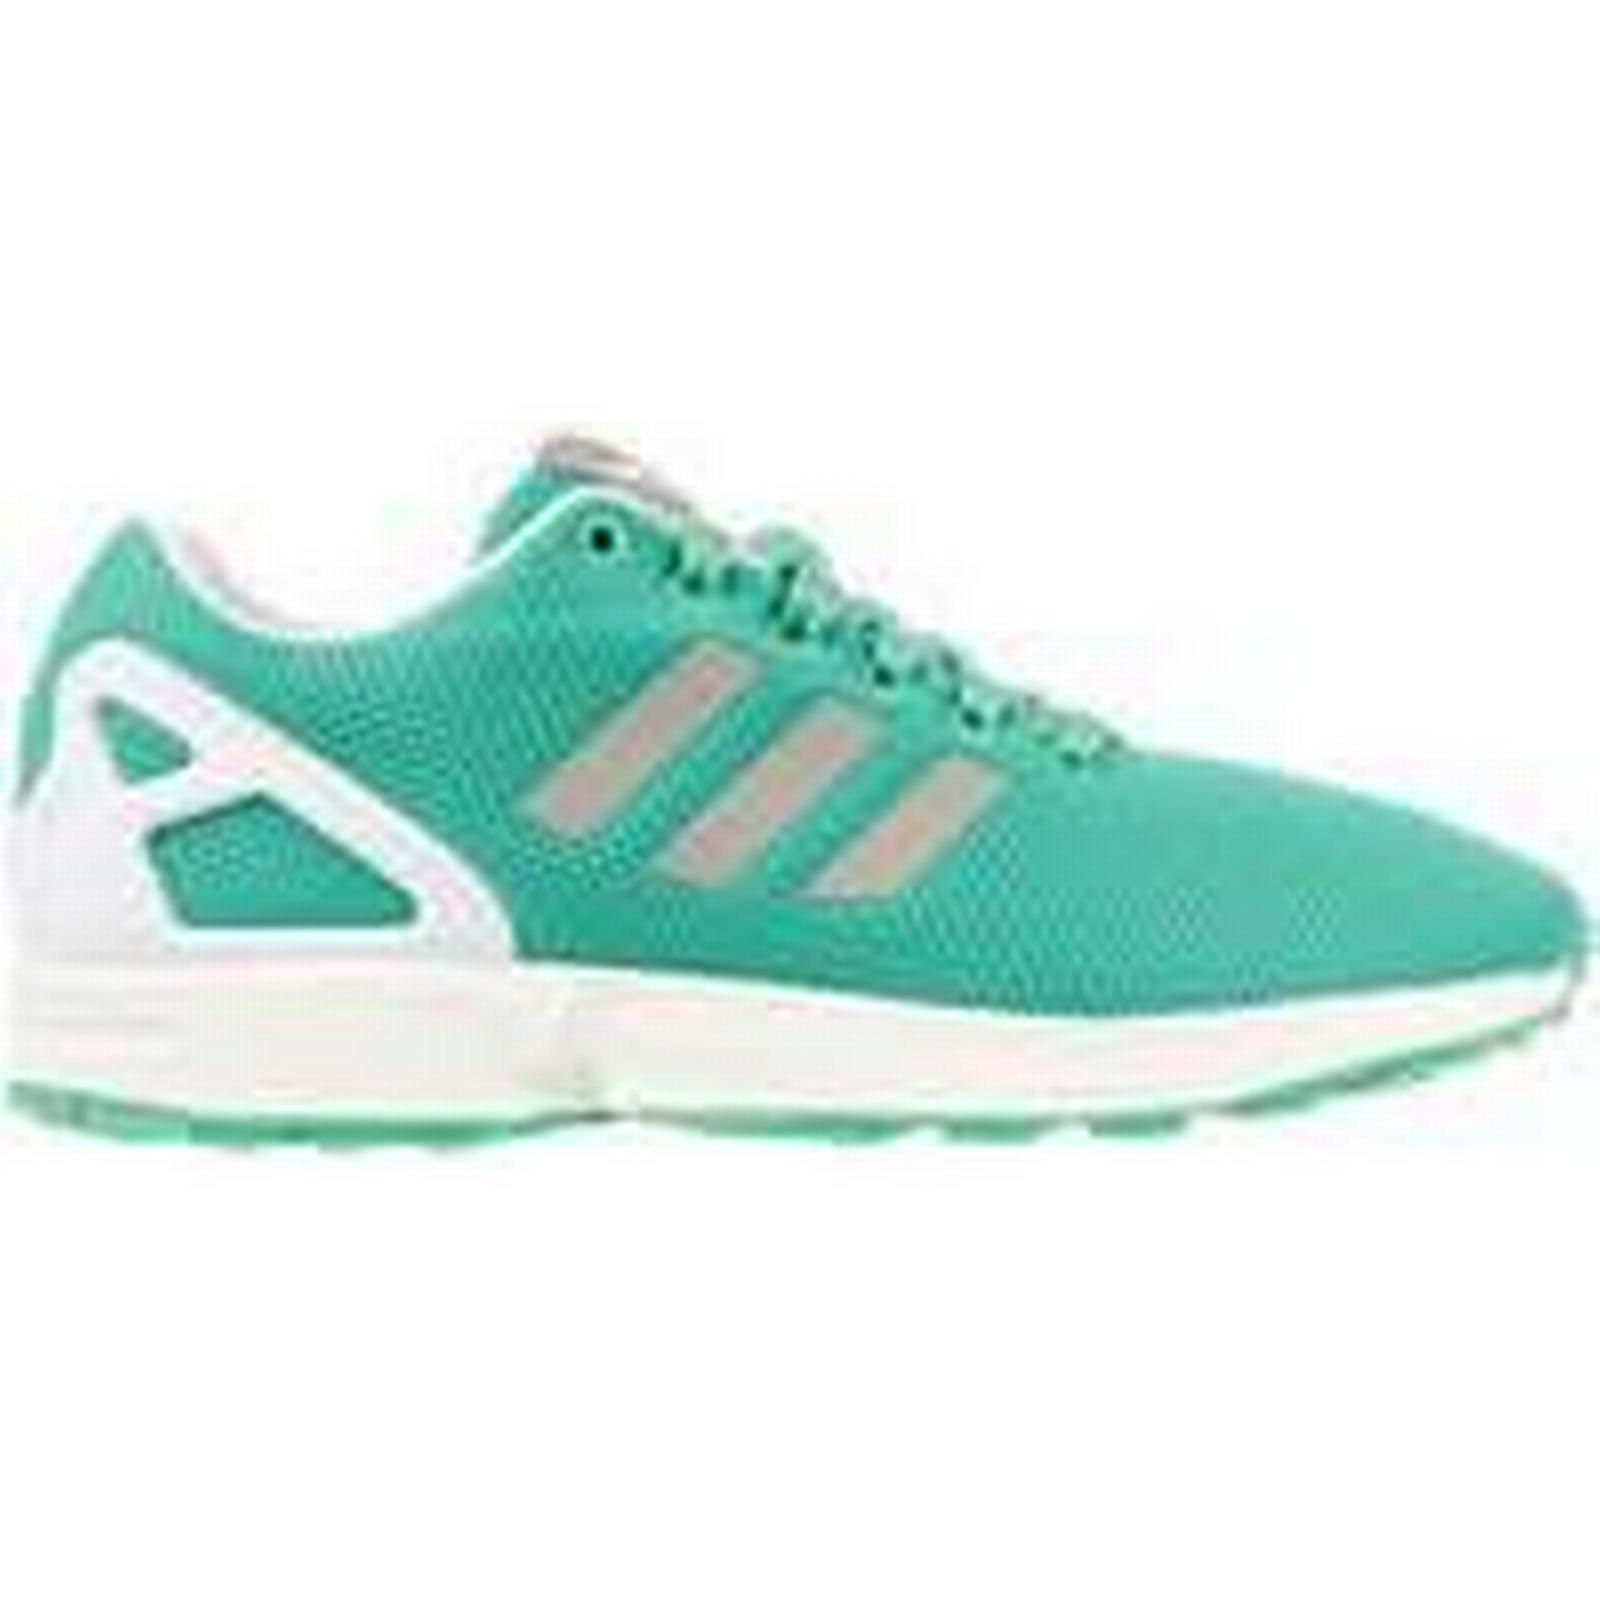 brand new b7d0e 42238 flux w femmes adidas zx zx zx 49f91b. magistax nike hommes eacute   chaussures de football onda ii ...